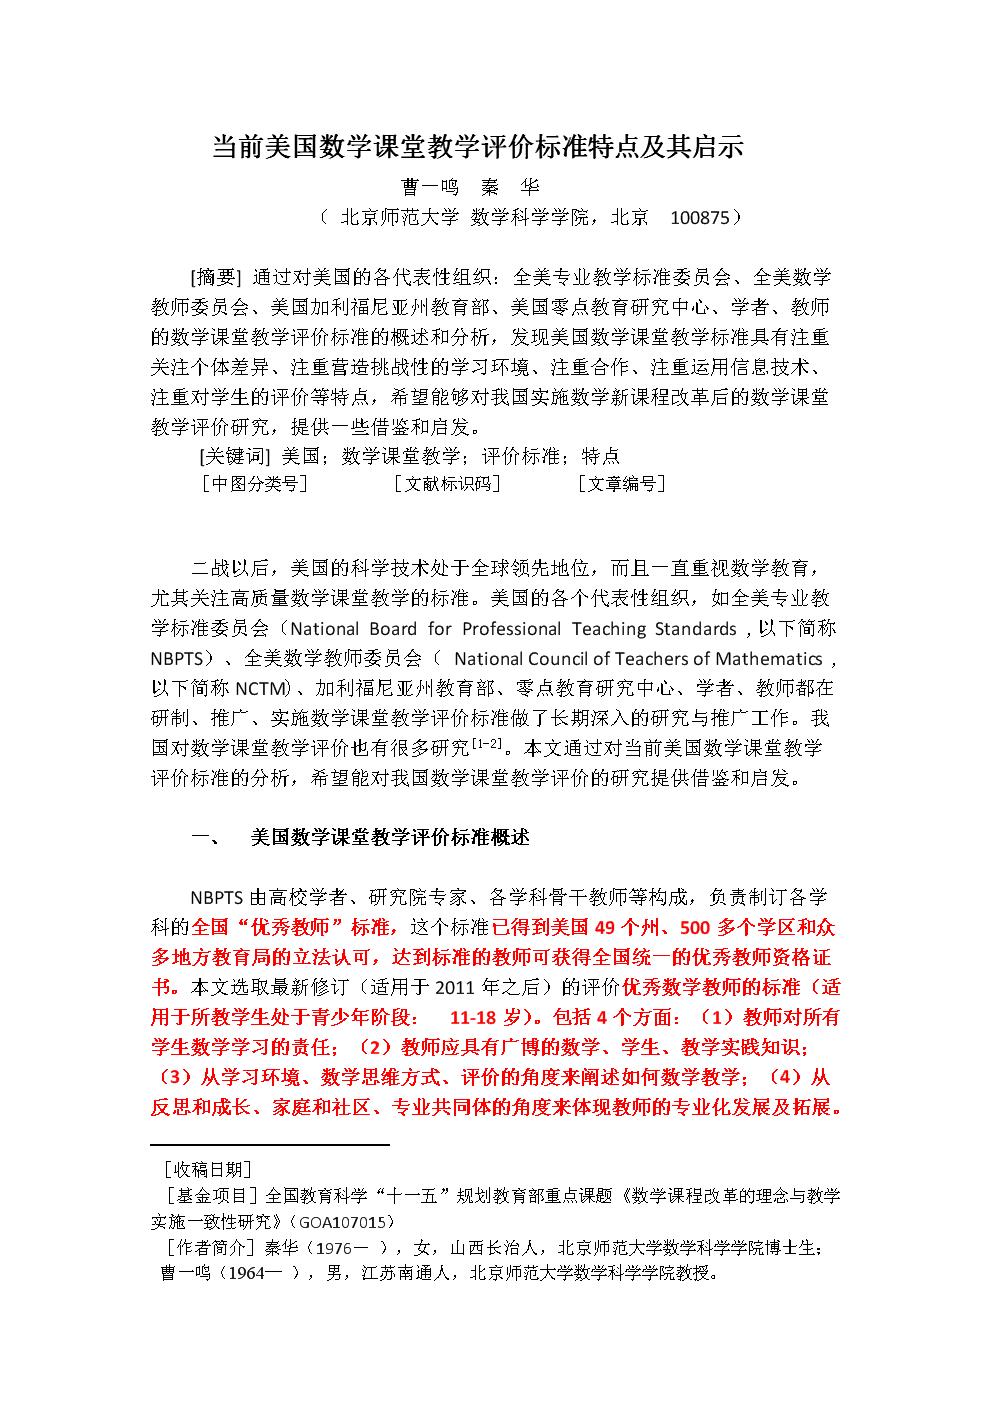 美国课堂评价.docx